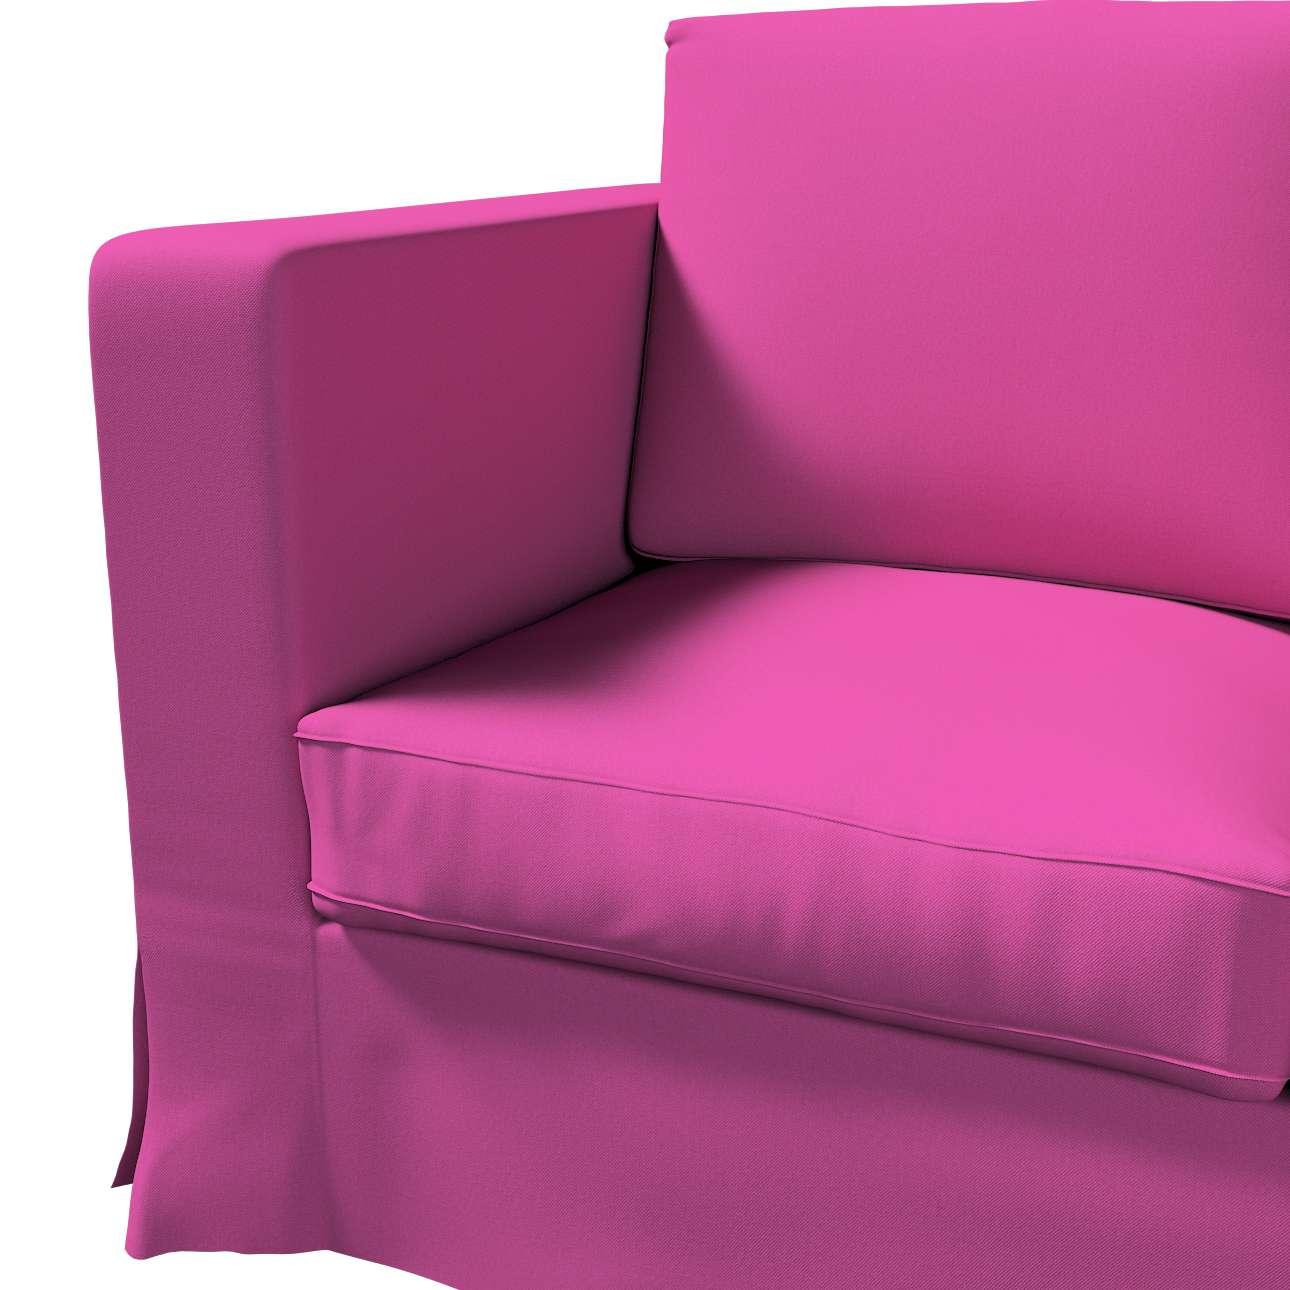 Karlanda klädsel 3-sits soffa - lång i kollektionen Etna, Tyg: 705-23